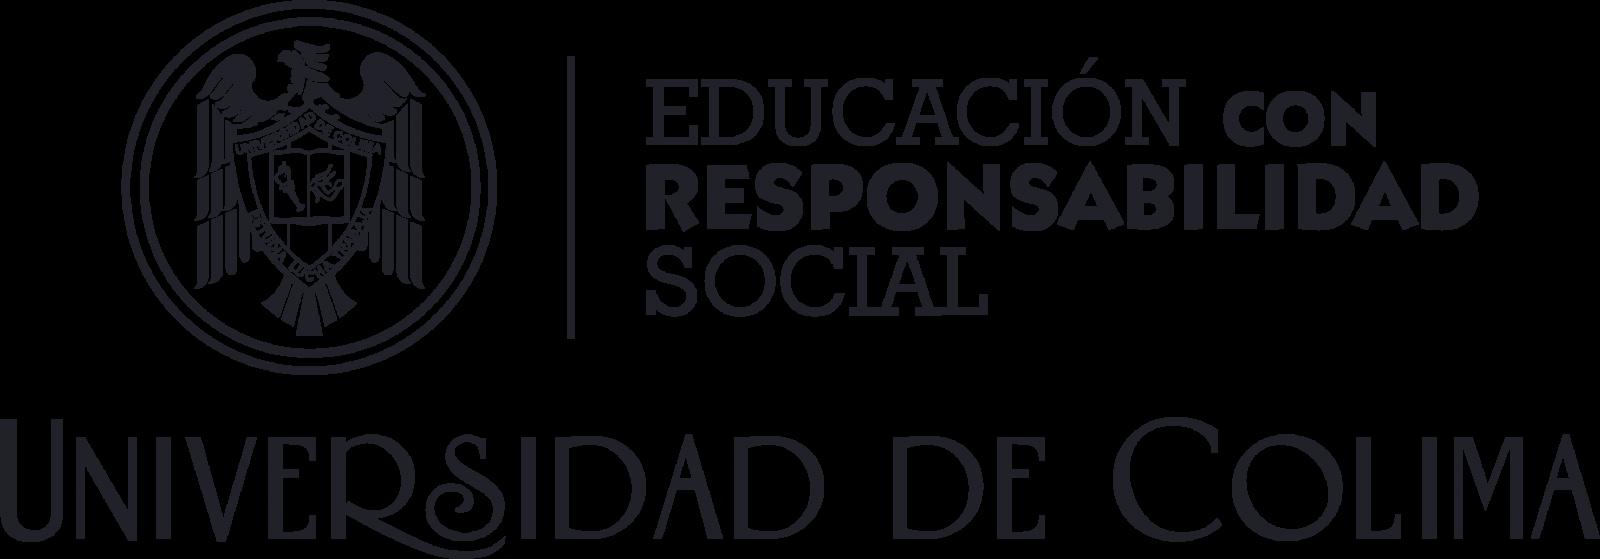 Universidad de Colima / Marco Filosófico - Escudo descargable